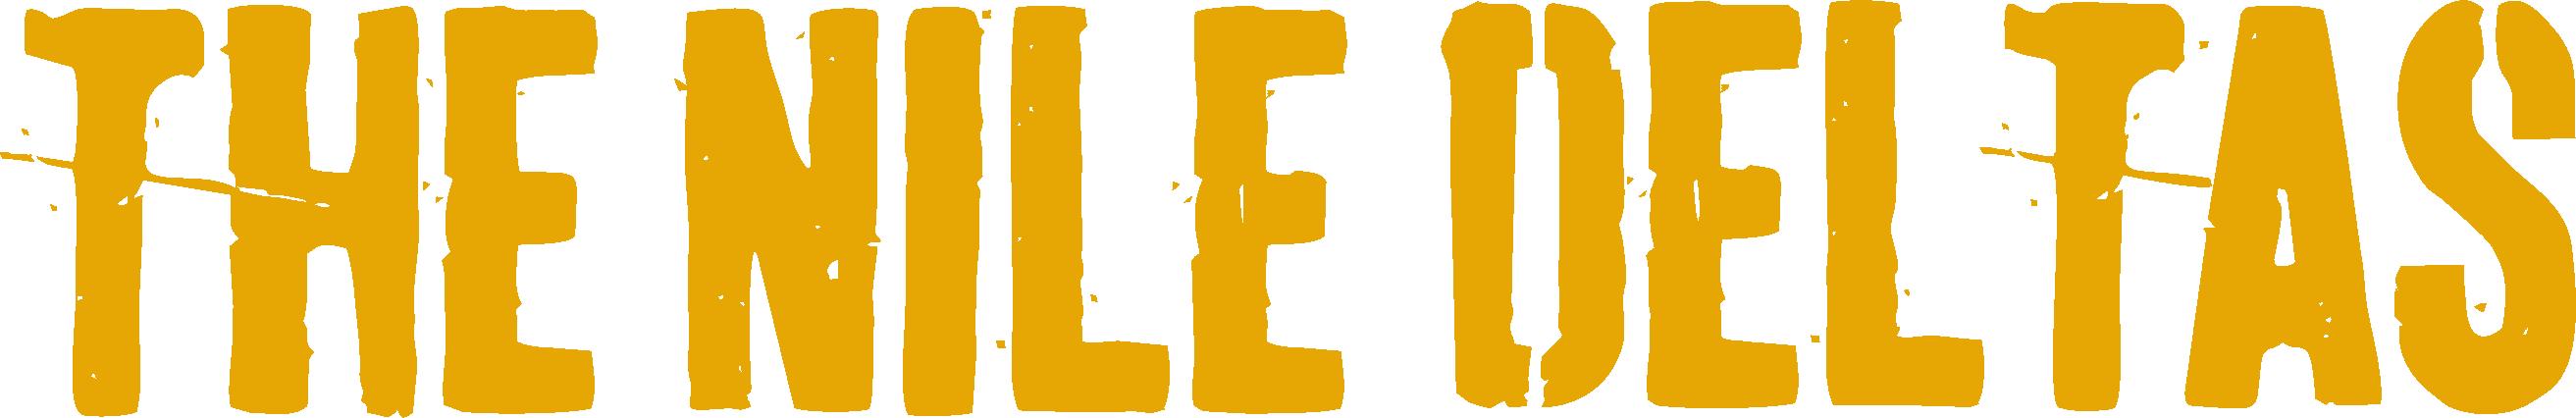 The Nile Deltas logo